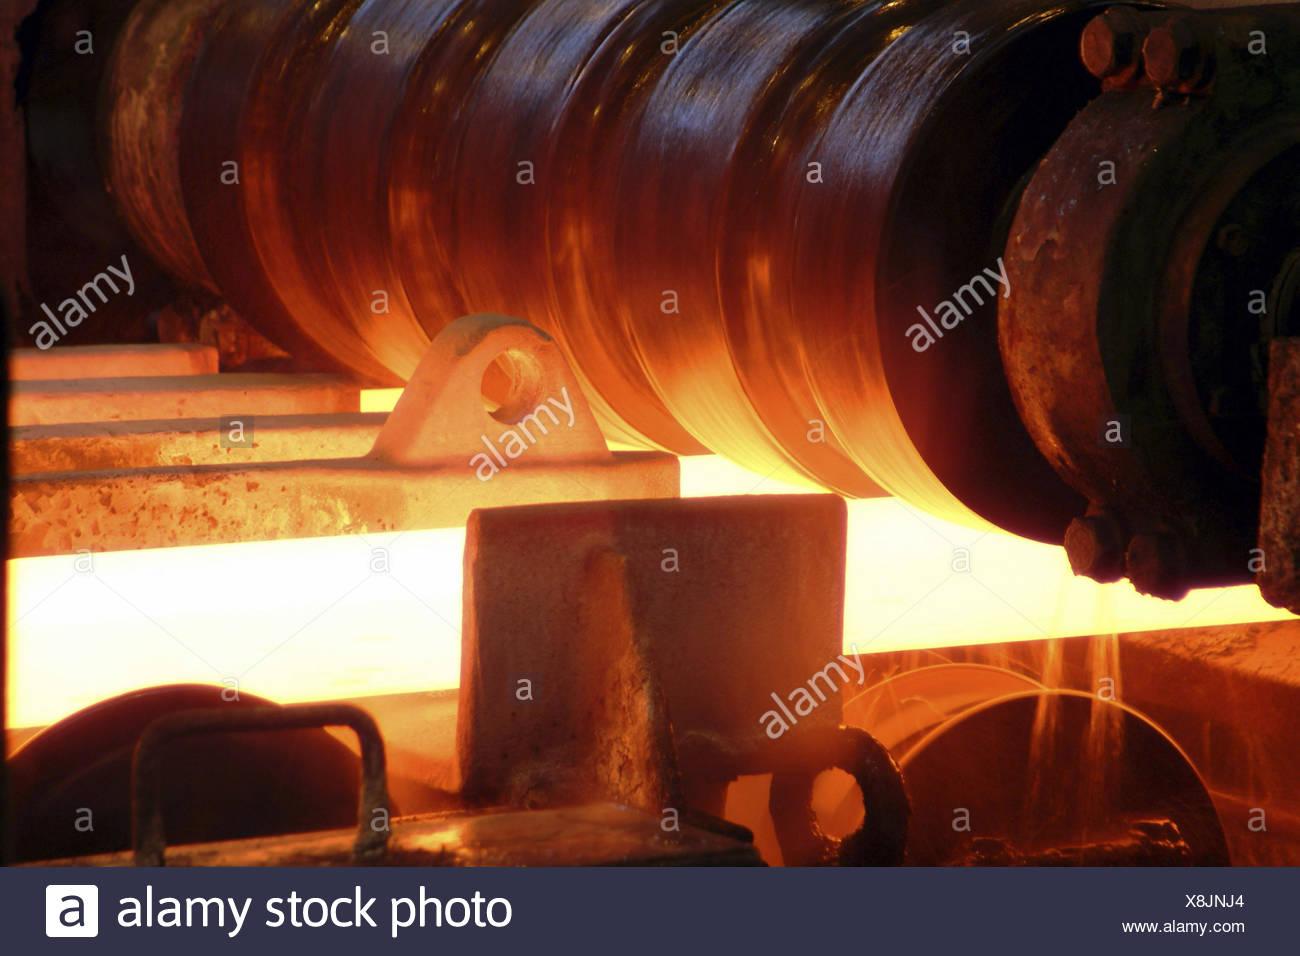 Walzgerüst im Eisenwerk, detail, Walzgerüst, Stahl, Glühen, schwere ...